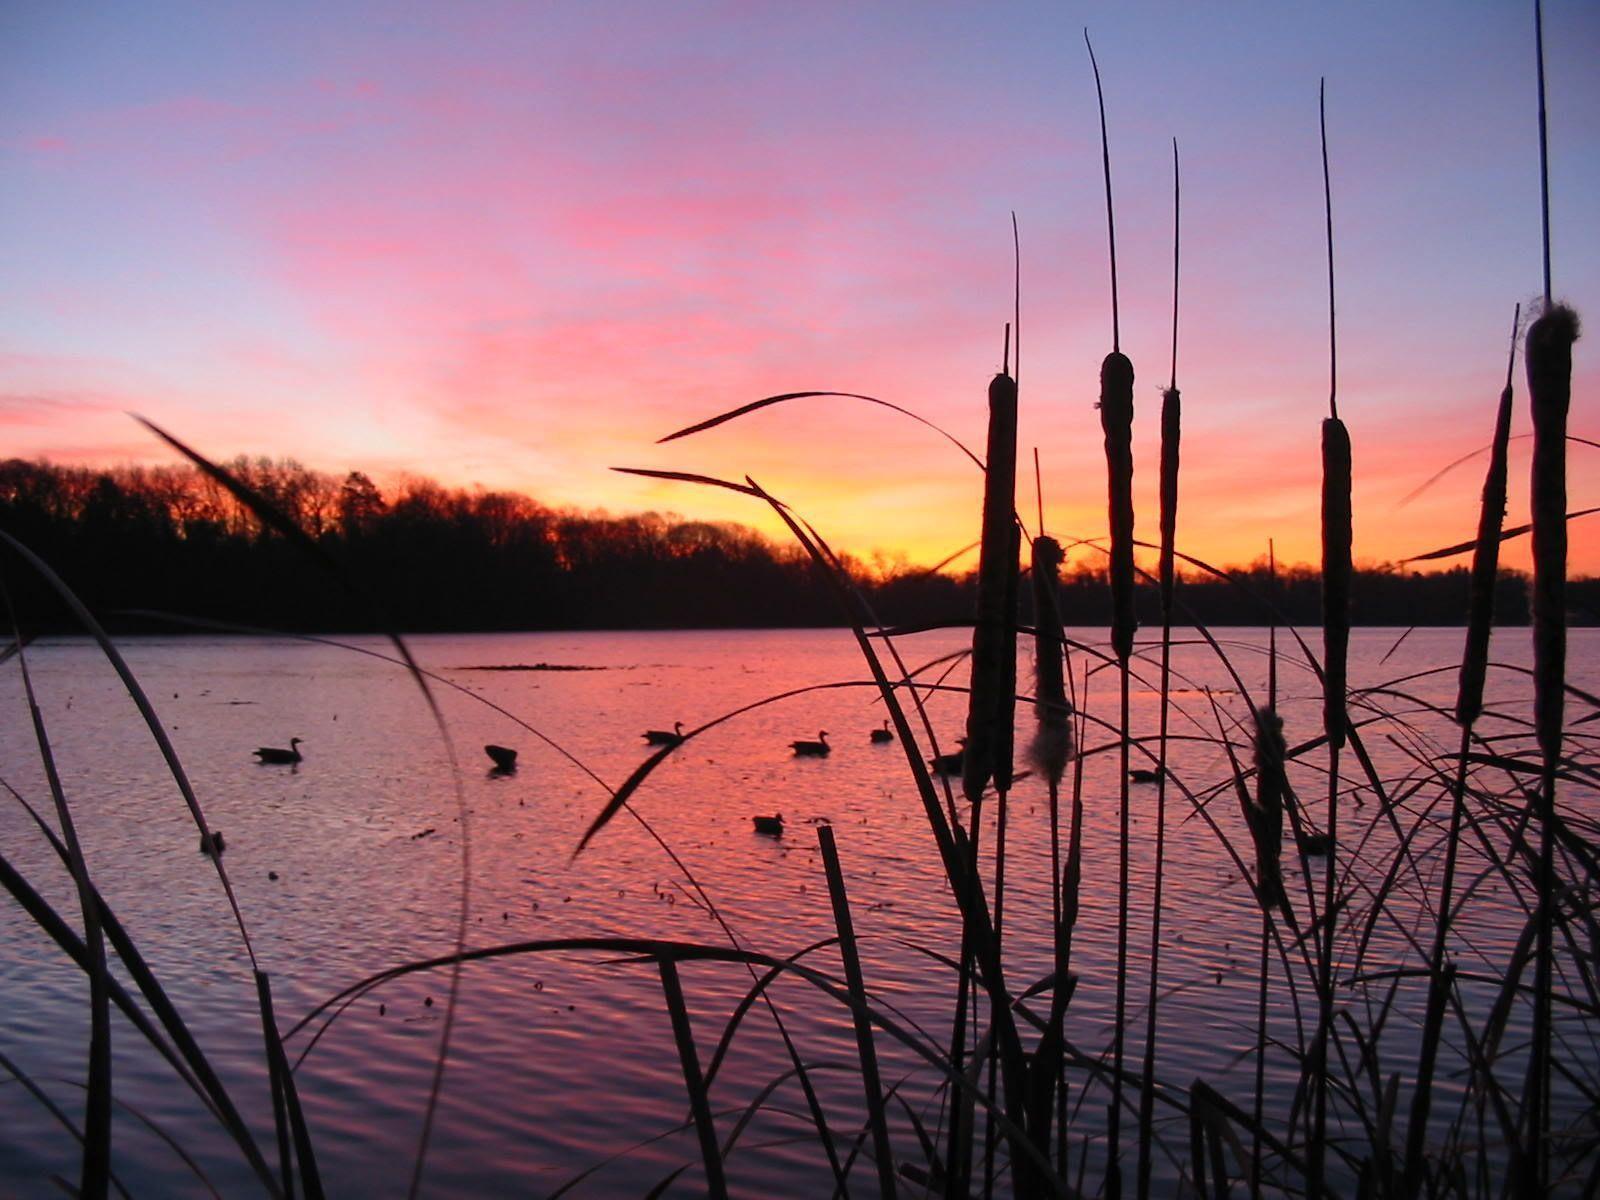 Duck Hunting Desktop Wallpapers Top Free Duck Hunting Desktop Backgrounds Wallpaperaccess